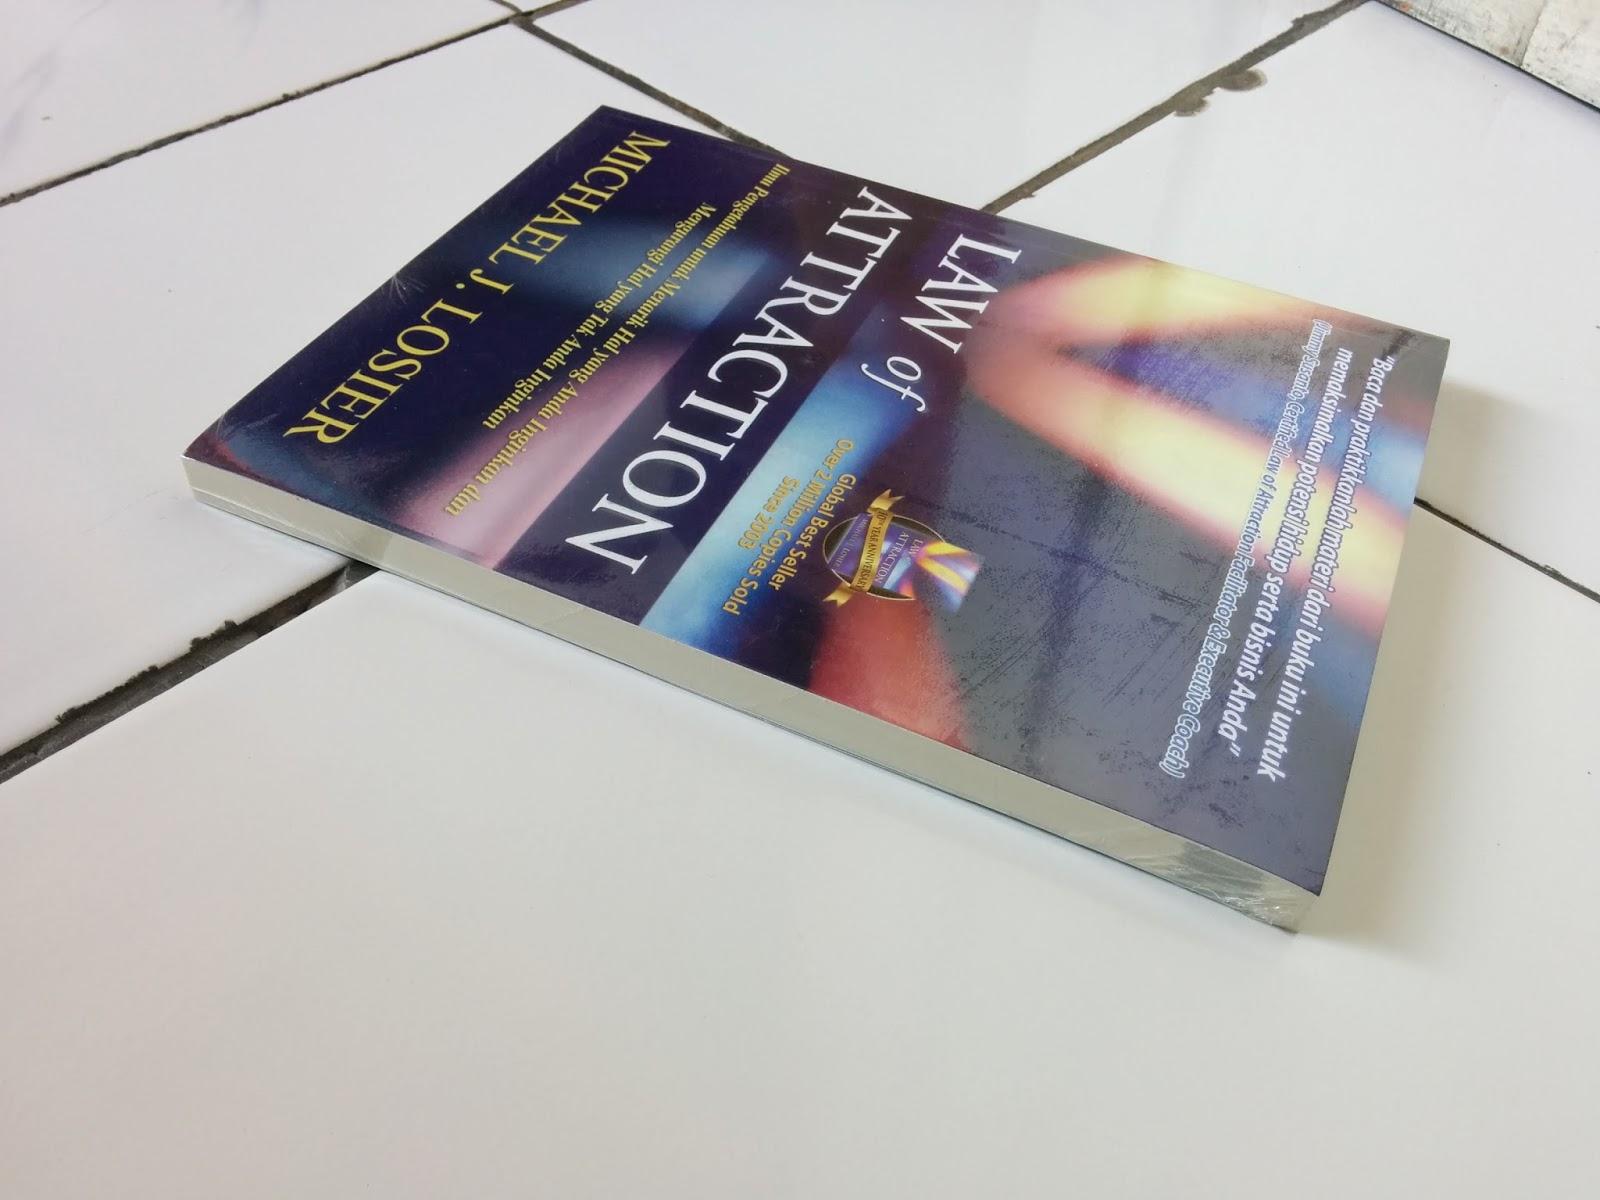 Jual buku mengungkap rahasia forex